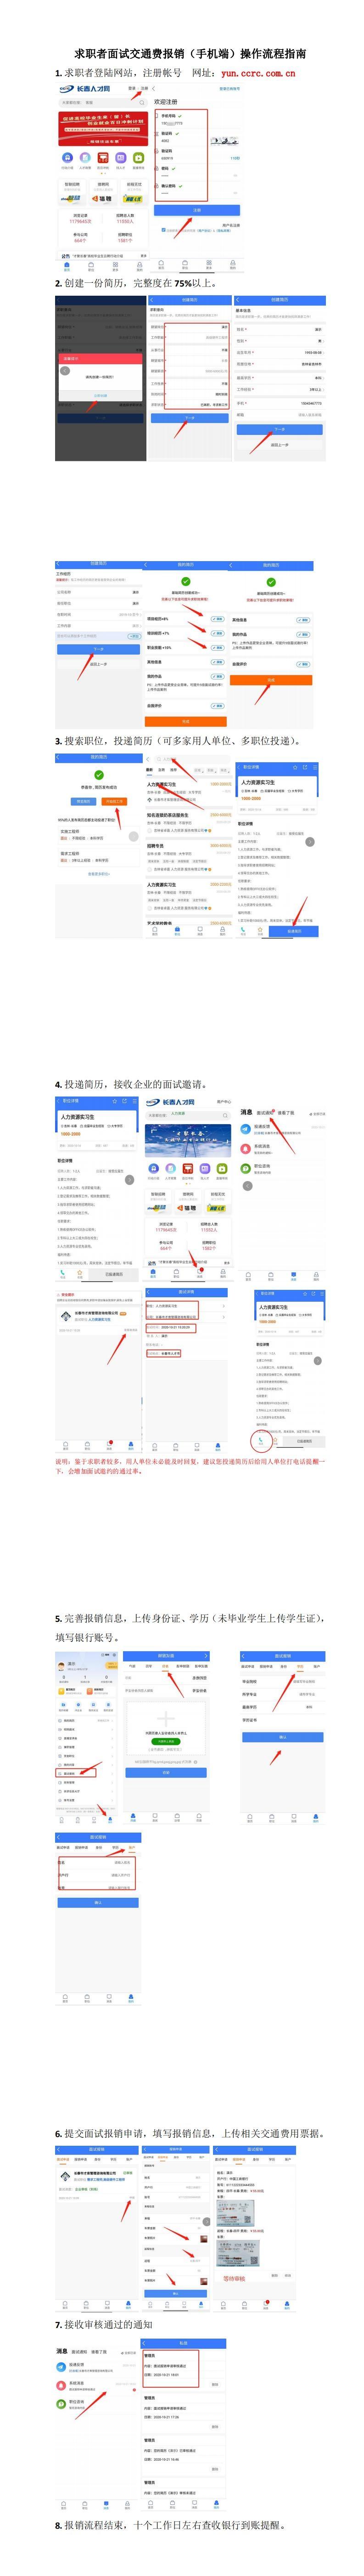 求职者面试往返路费报销(手机端)操作流程_0.jpg